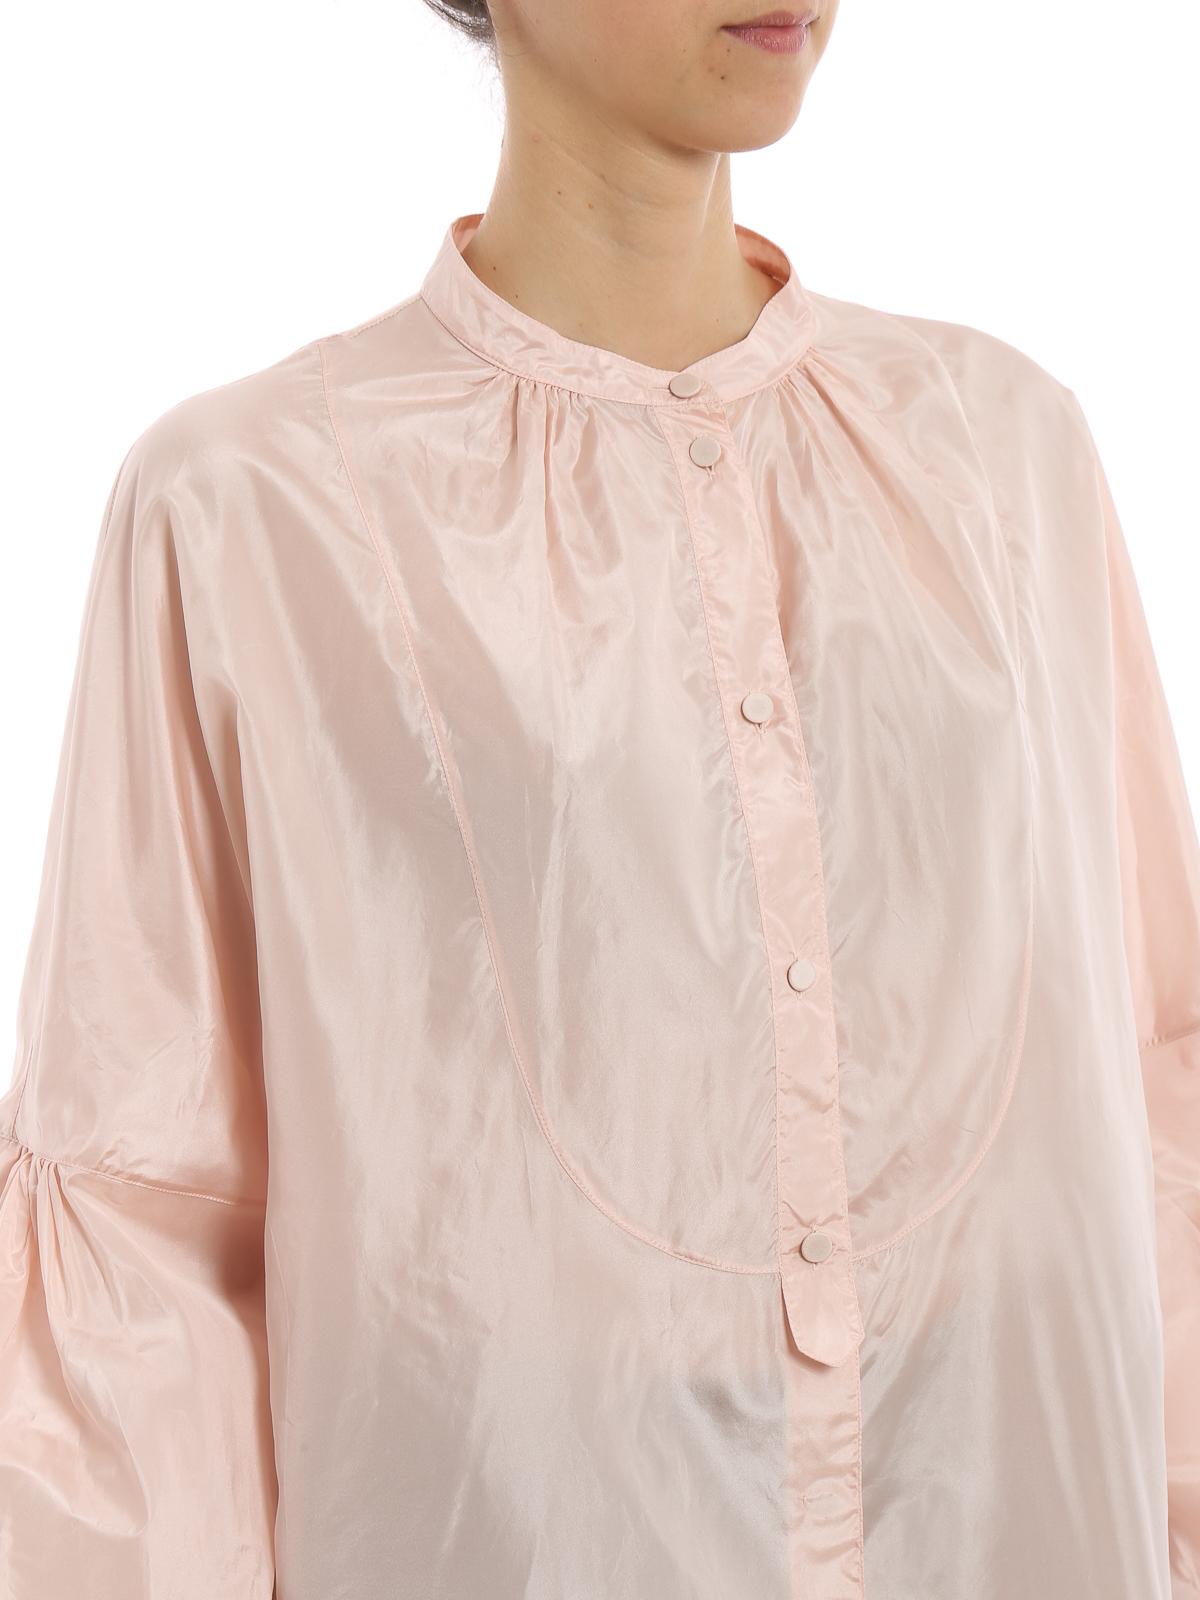 0c35980ce03a7 Bottega Veneta - Light pink silk taffeta blouse - blouses ...